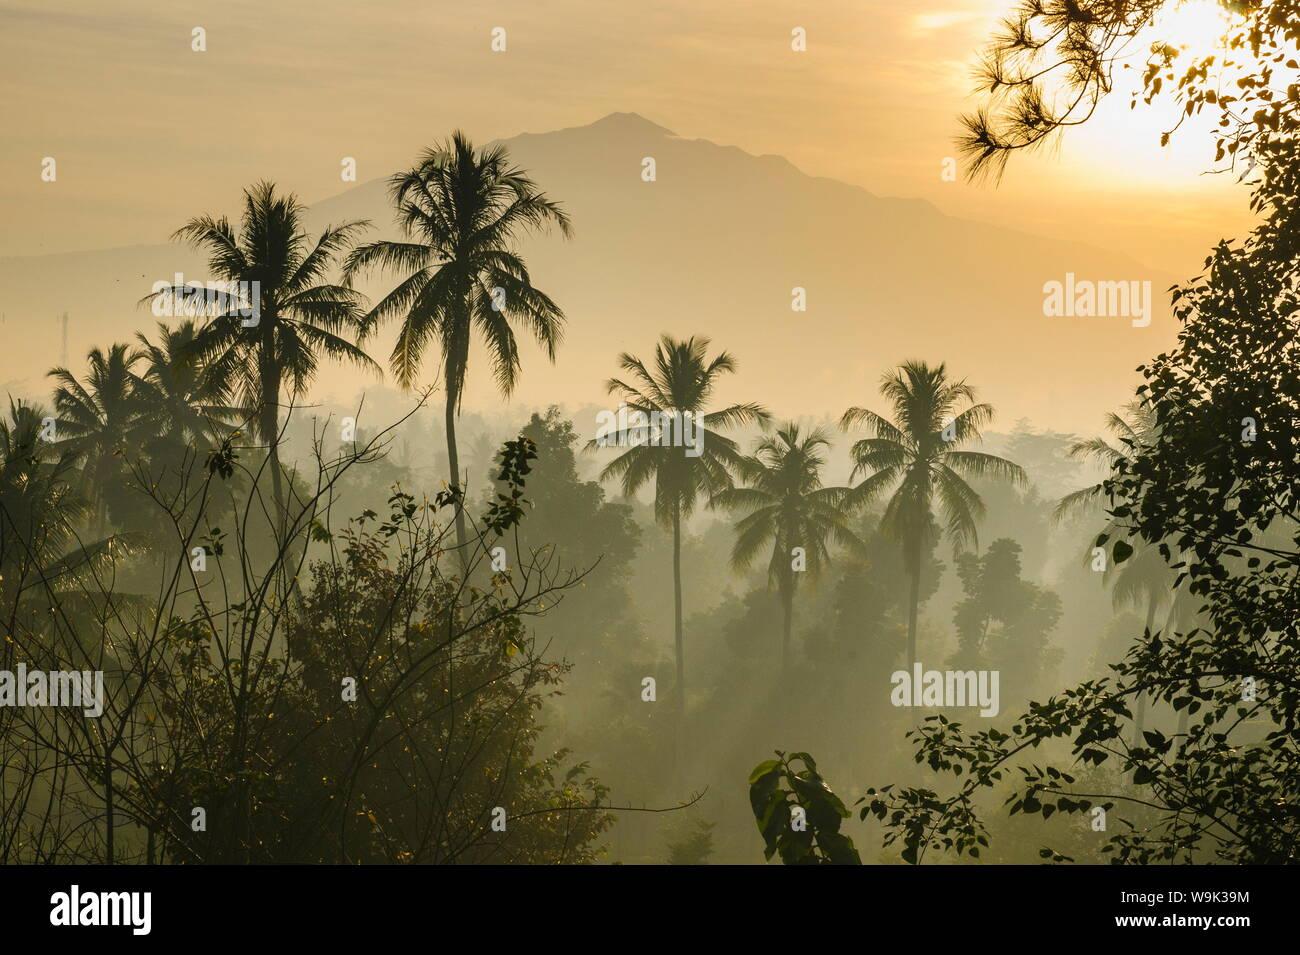 Temprano en la mañana la vista de la campiña que rodea el complejo del templo de Borobodur, Sitio del Patrimonio Mundial de la UNESCO, Java, Indonesia, Sudeste Asiático, Asia Foto de stock